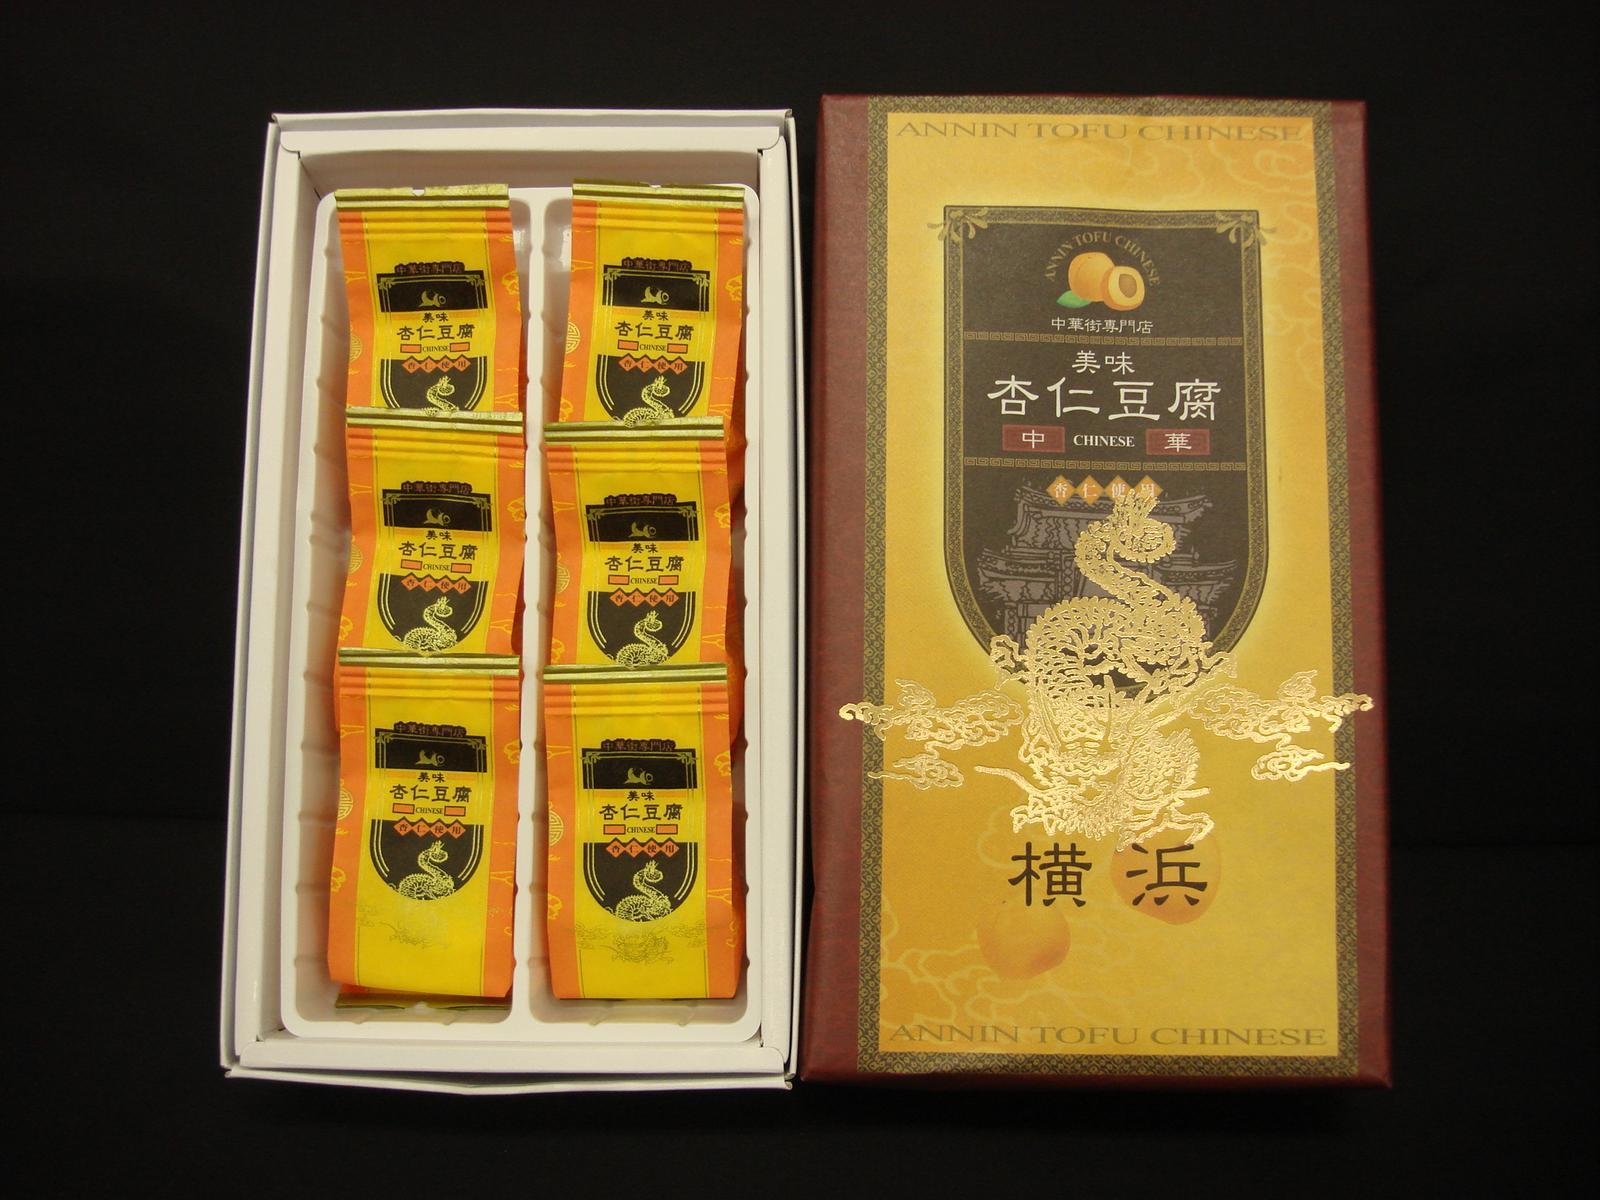 横浜中華街専門店の杏仁豆腐トロ〜ッと、とろける杏仁豆腐の中にフルーツも入ったとても上品なデザートリピーターの非常に多い商品です。オススメ!【RCP】【お土産】05P03Sep16